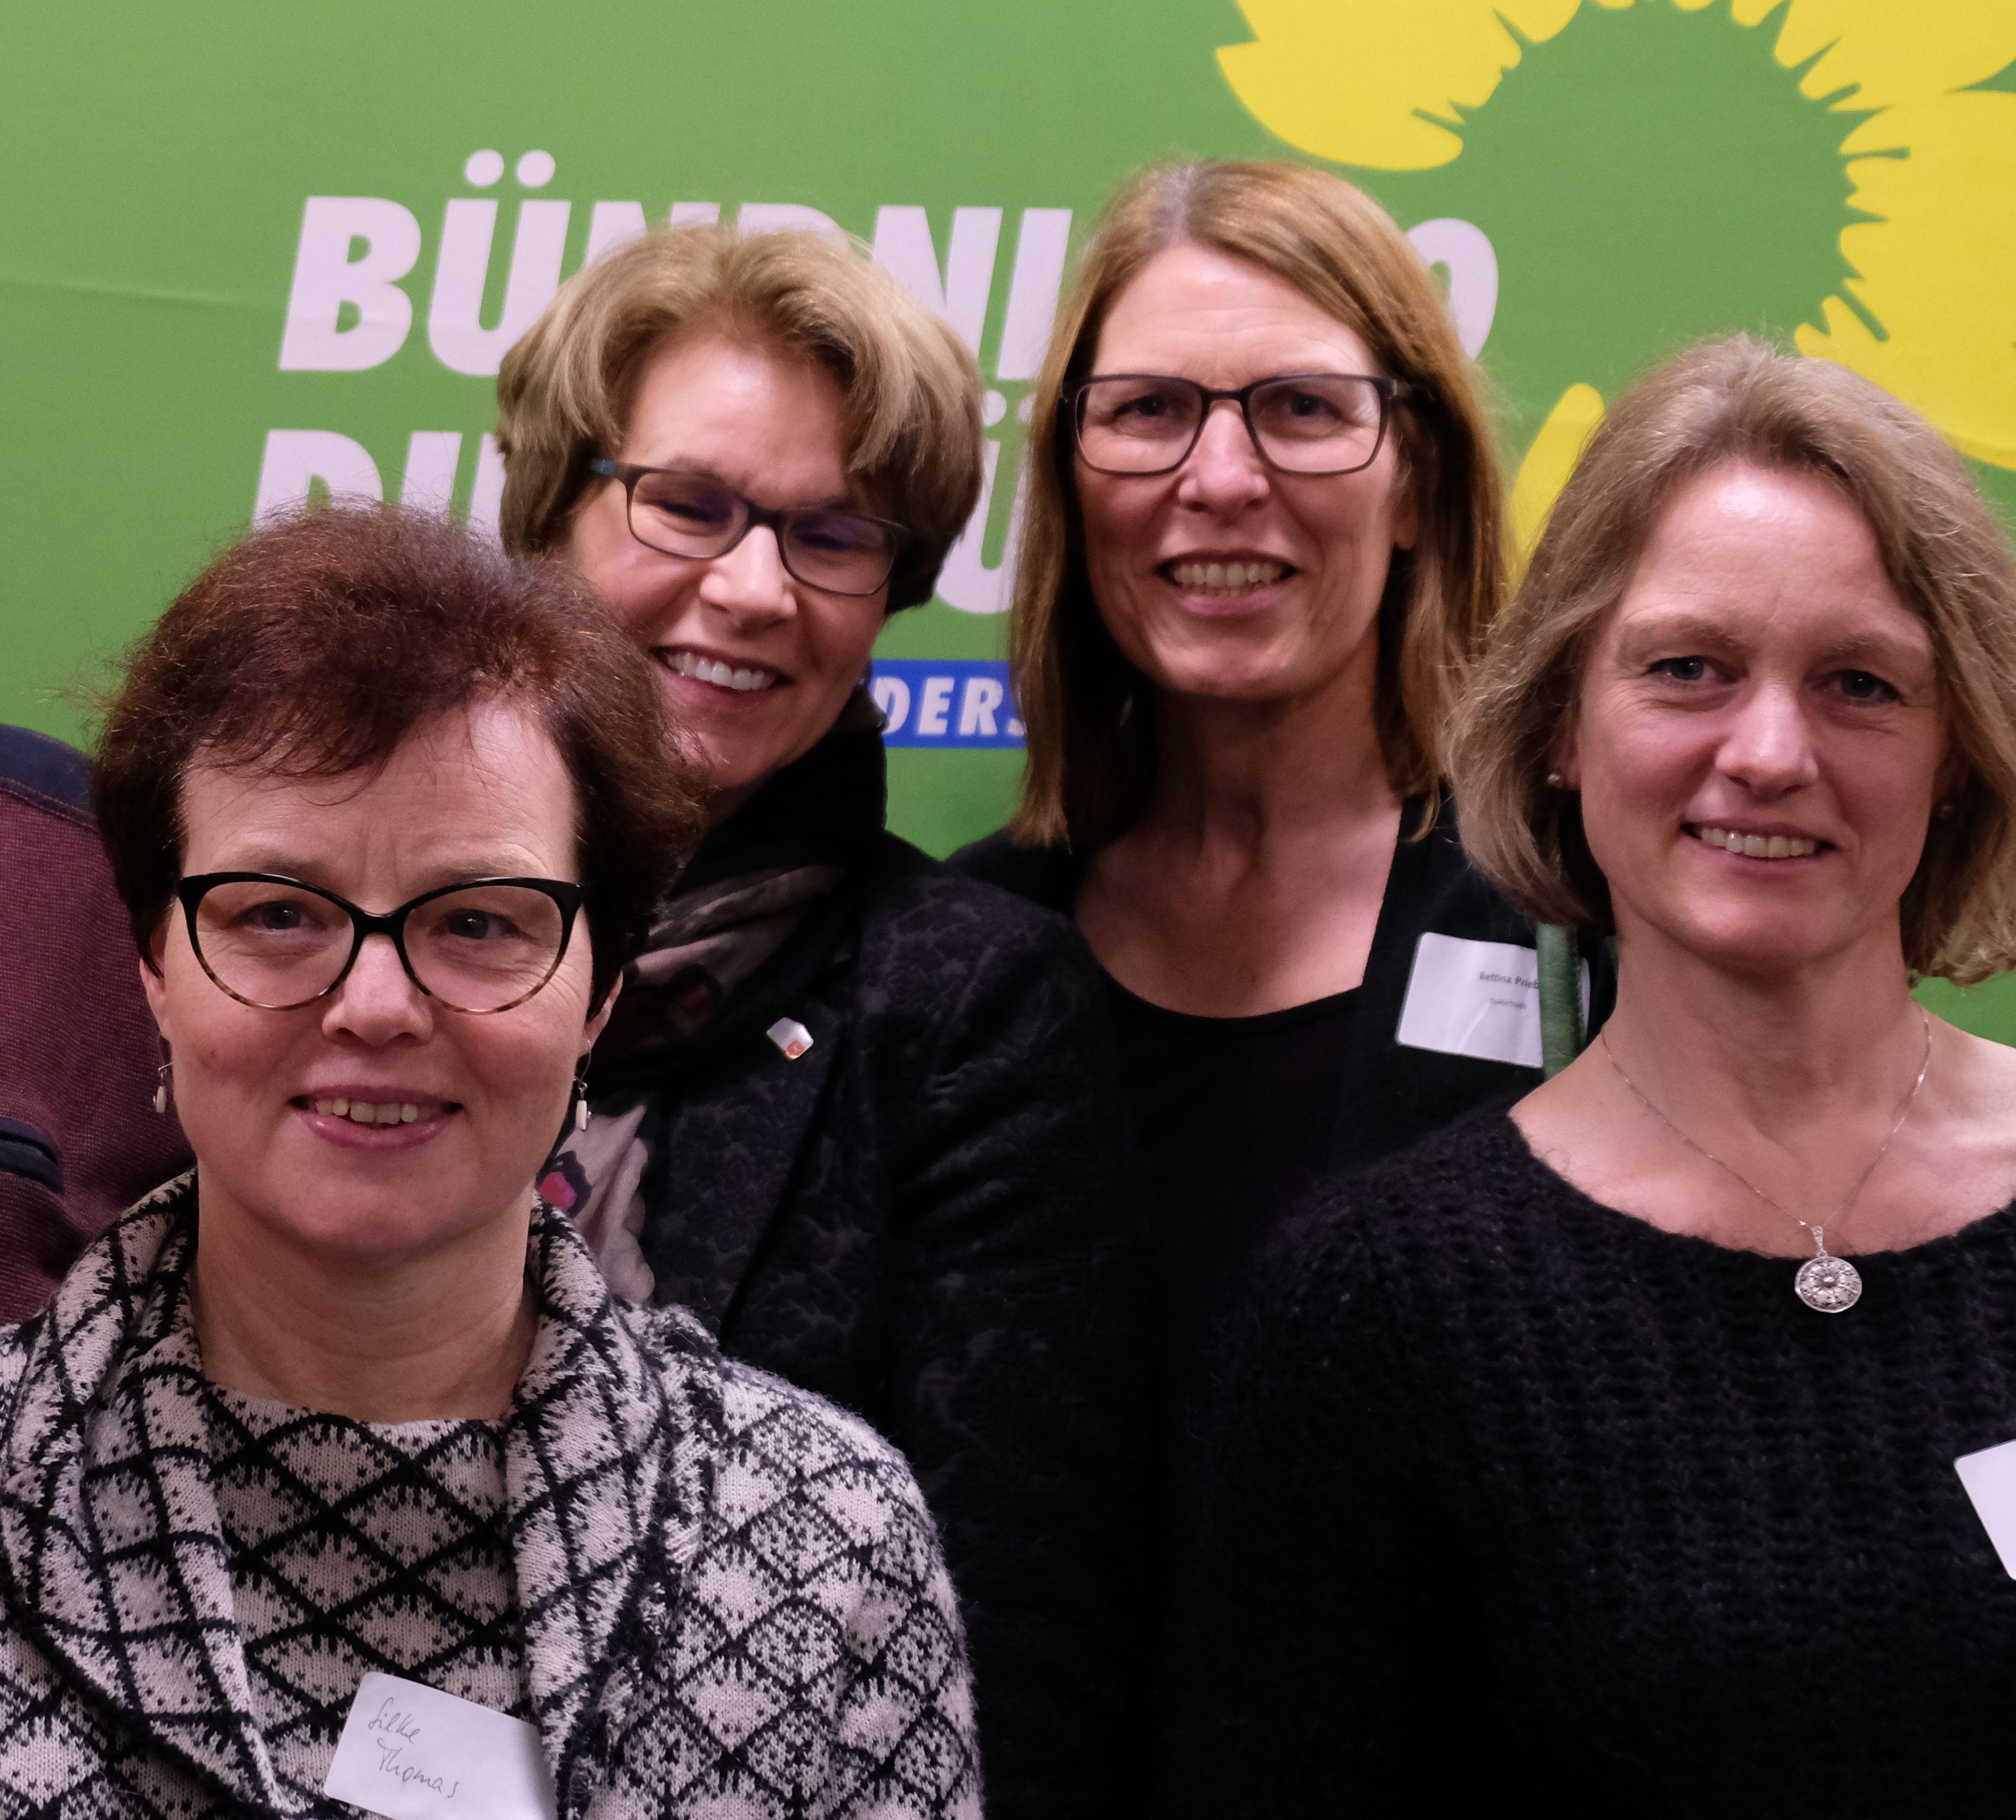 Grüne besuchen zweite regionale Fraktionsvorsitzendenkonferenz